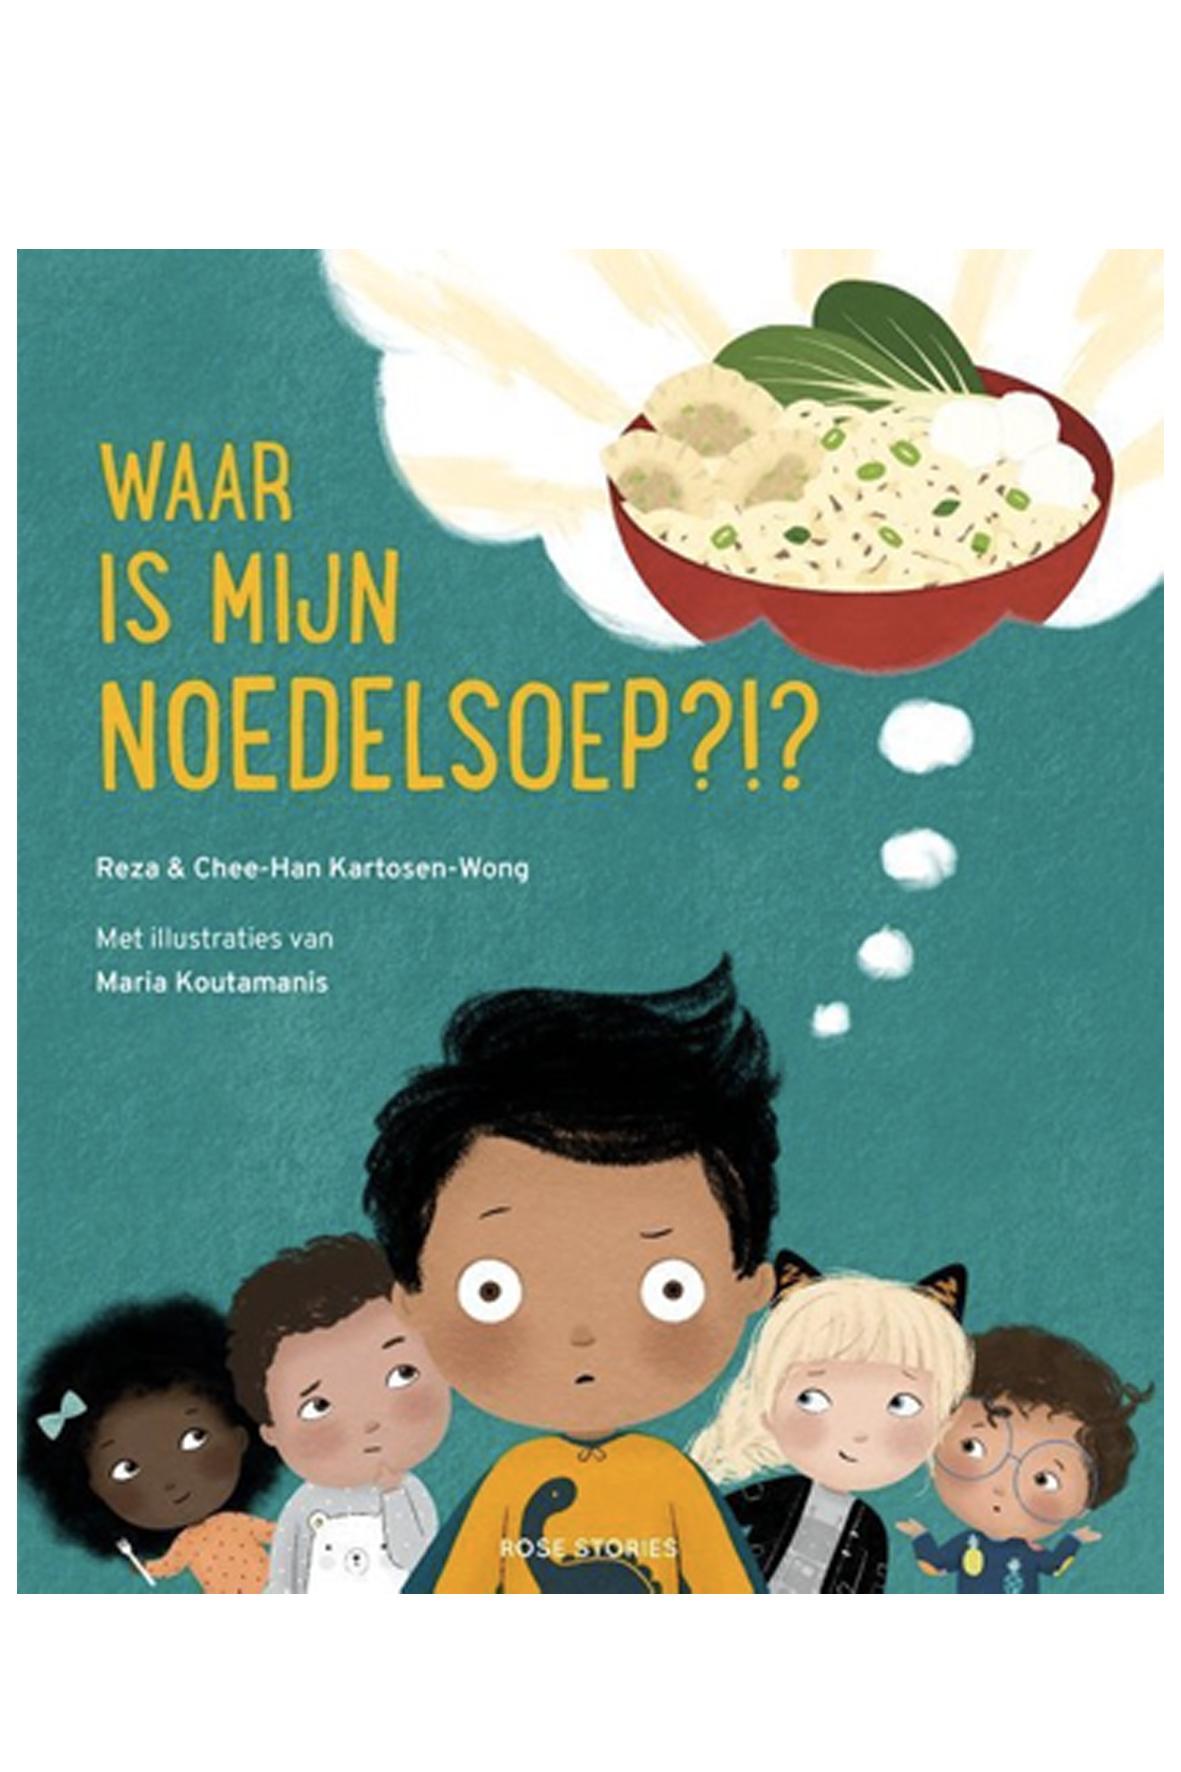 kinderboek als voorbeeld van cadeaus voor jonge foodies